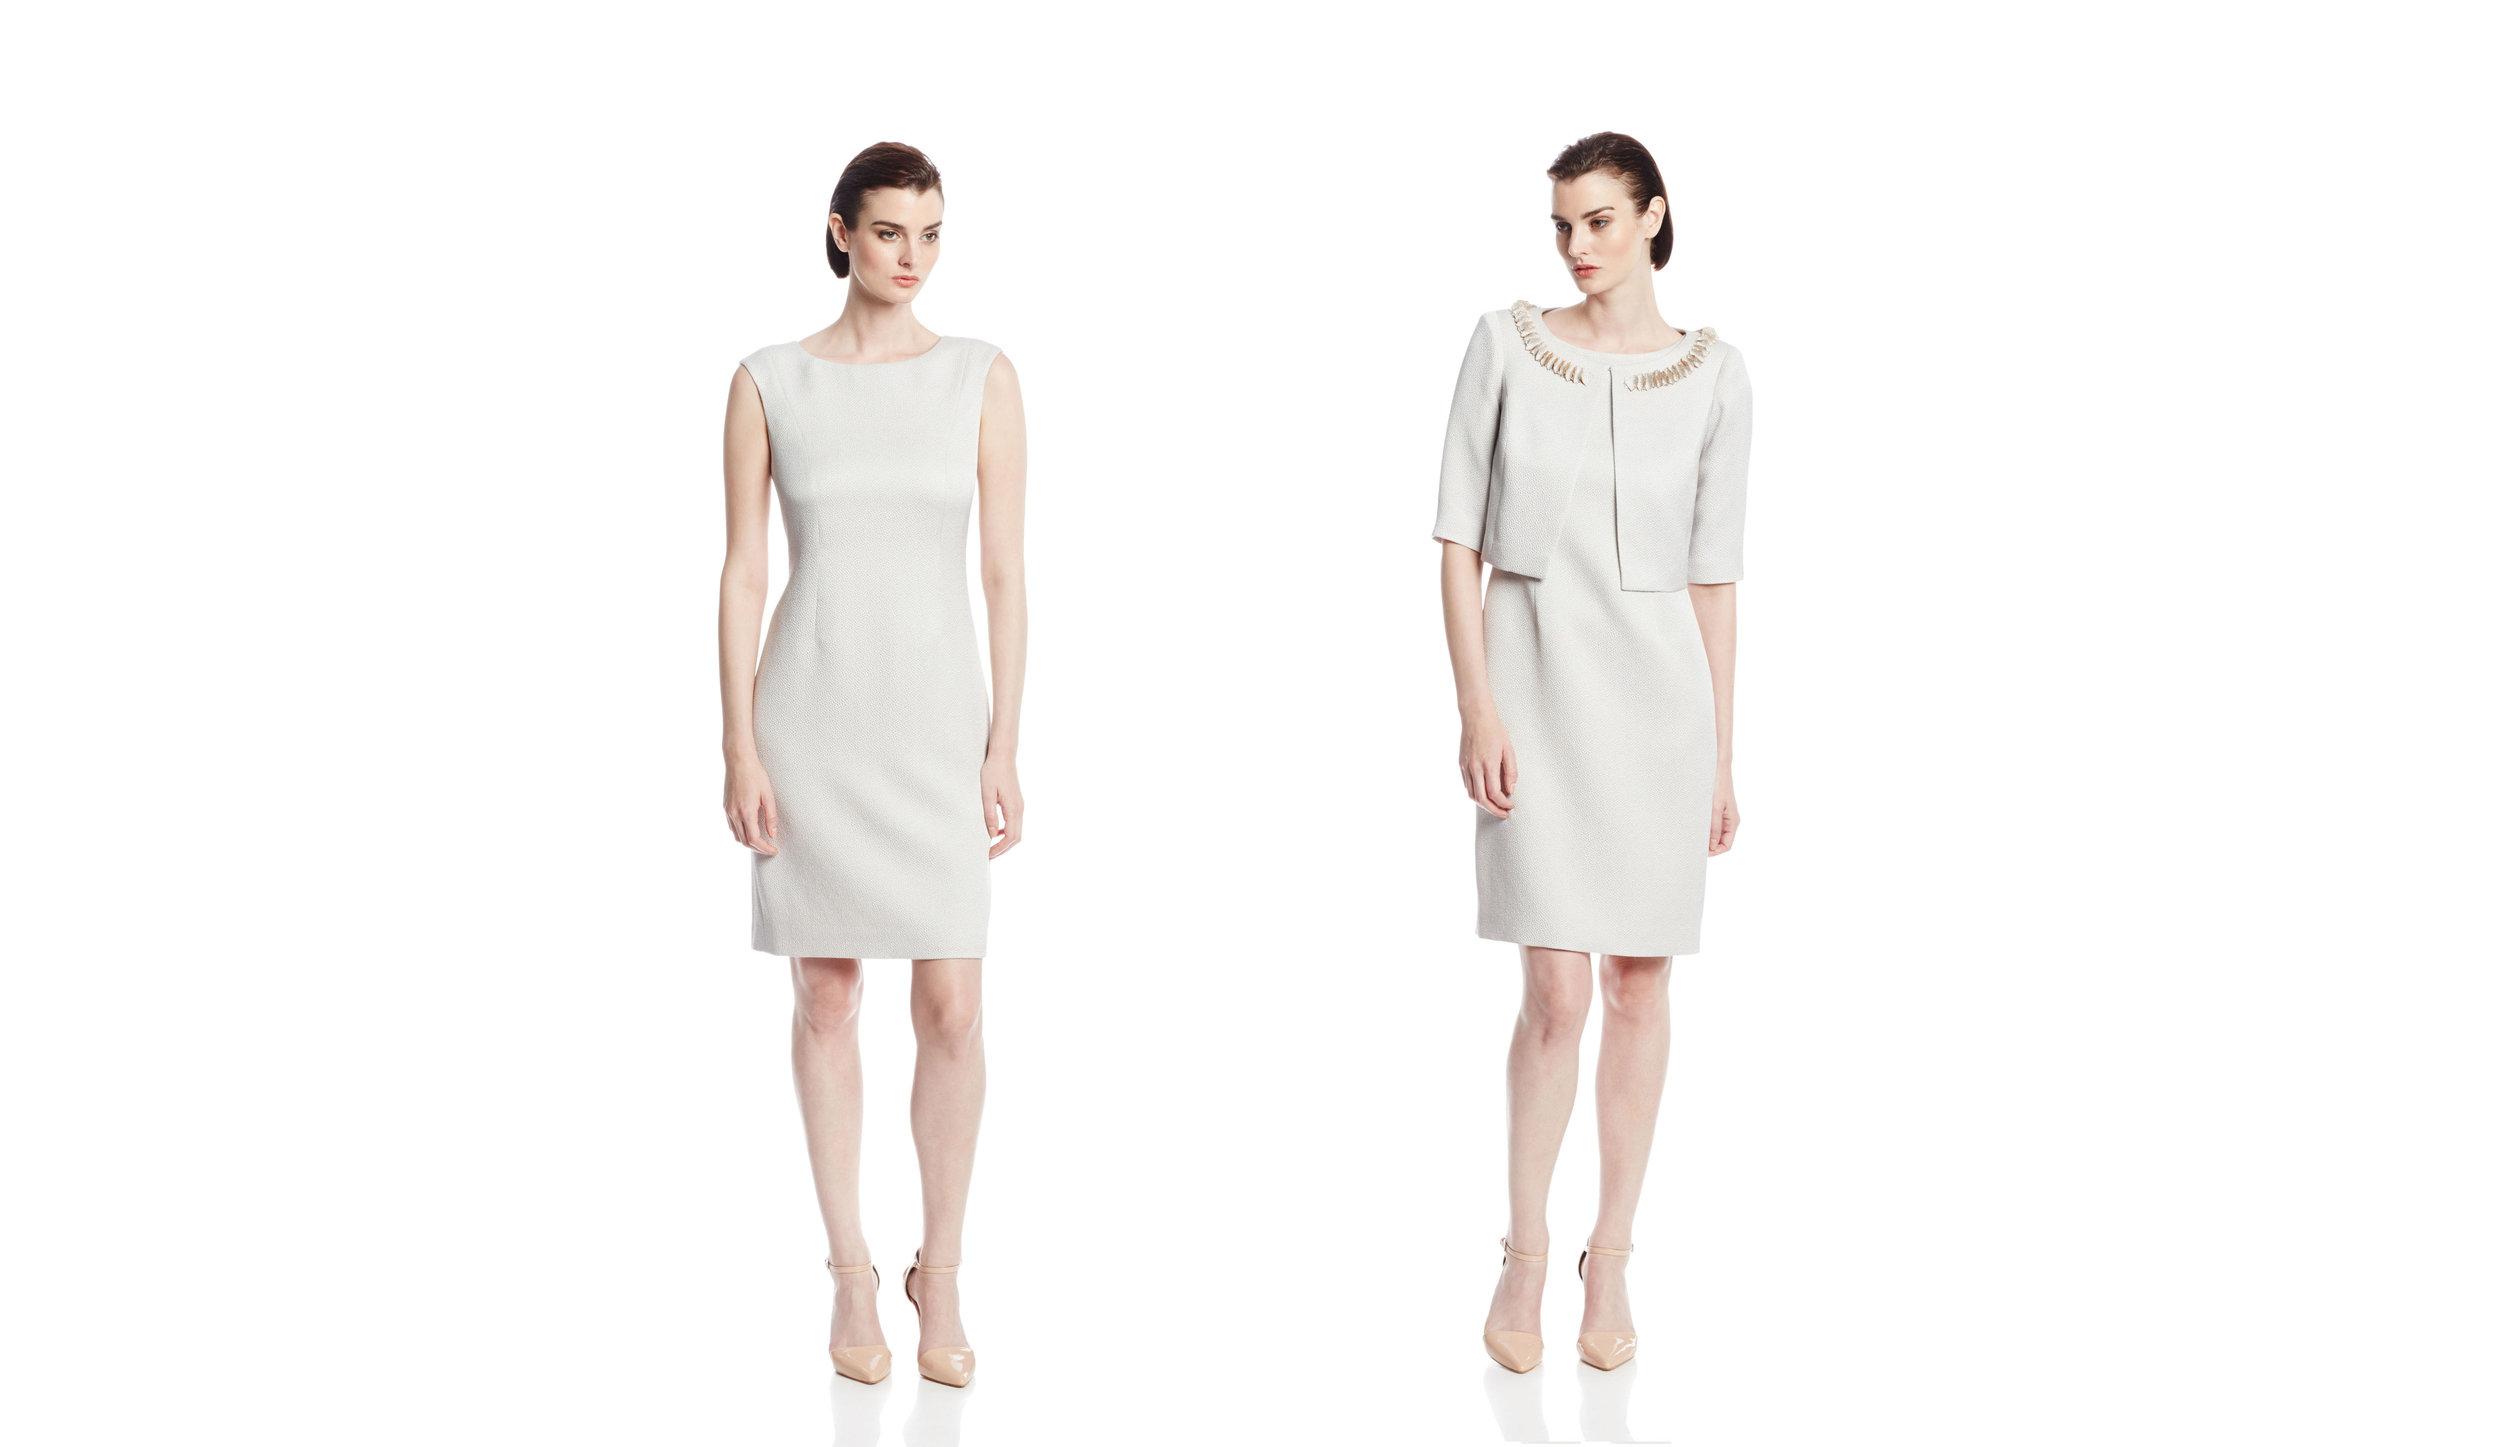 Silver Suit Dress Full Bleed copy.jpg